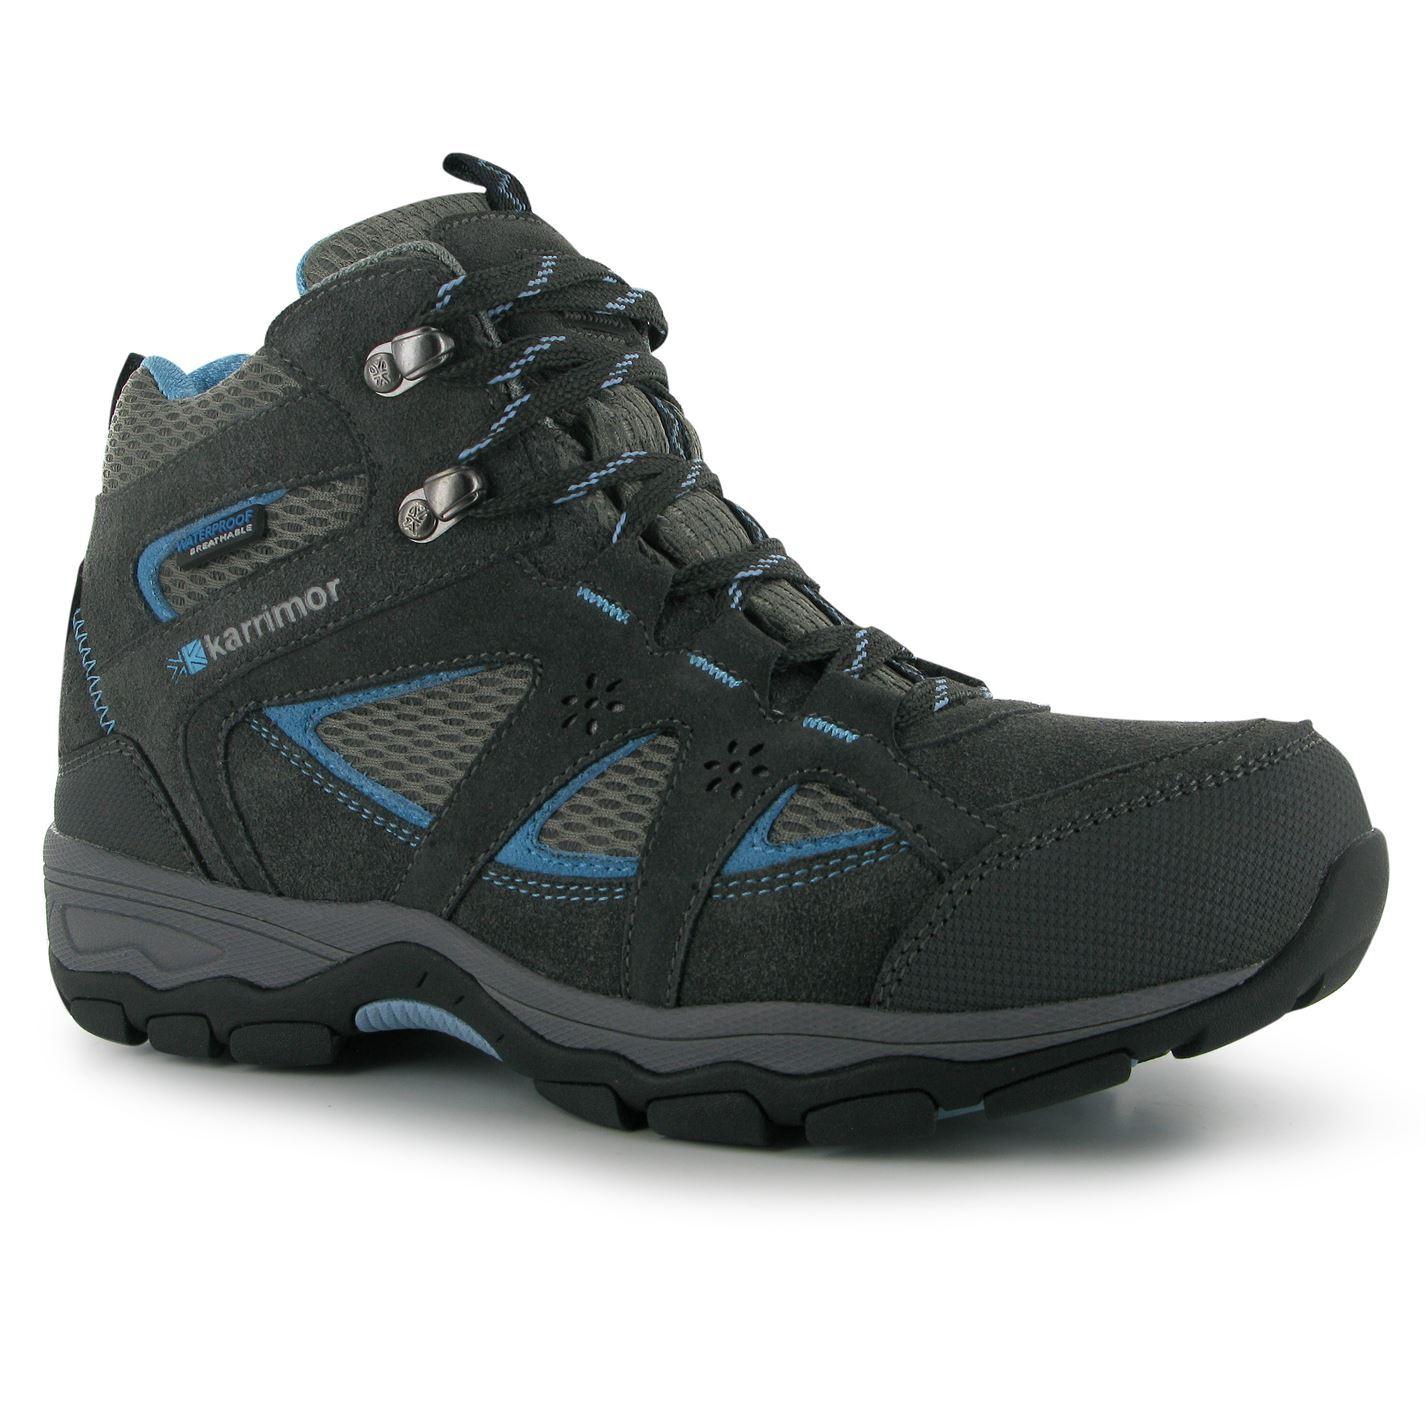 Karrimor Ladies Waterproof Walking Shoes